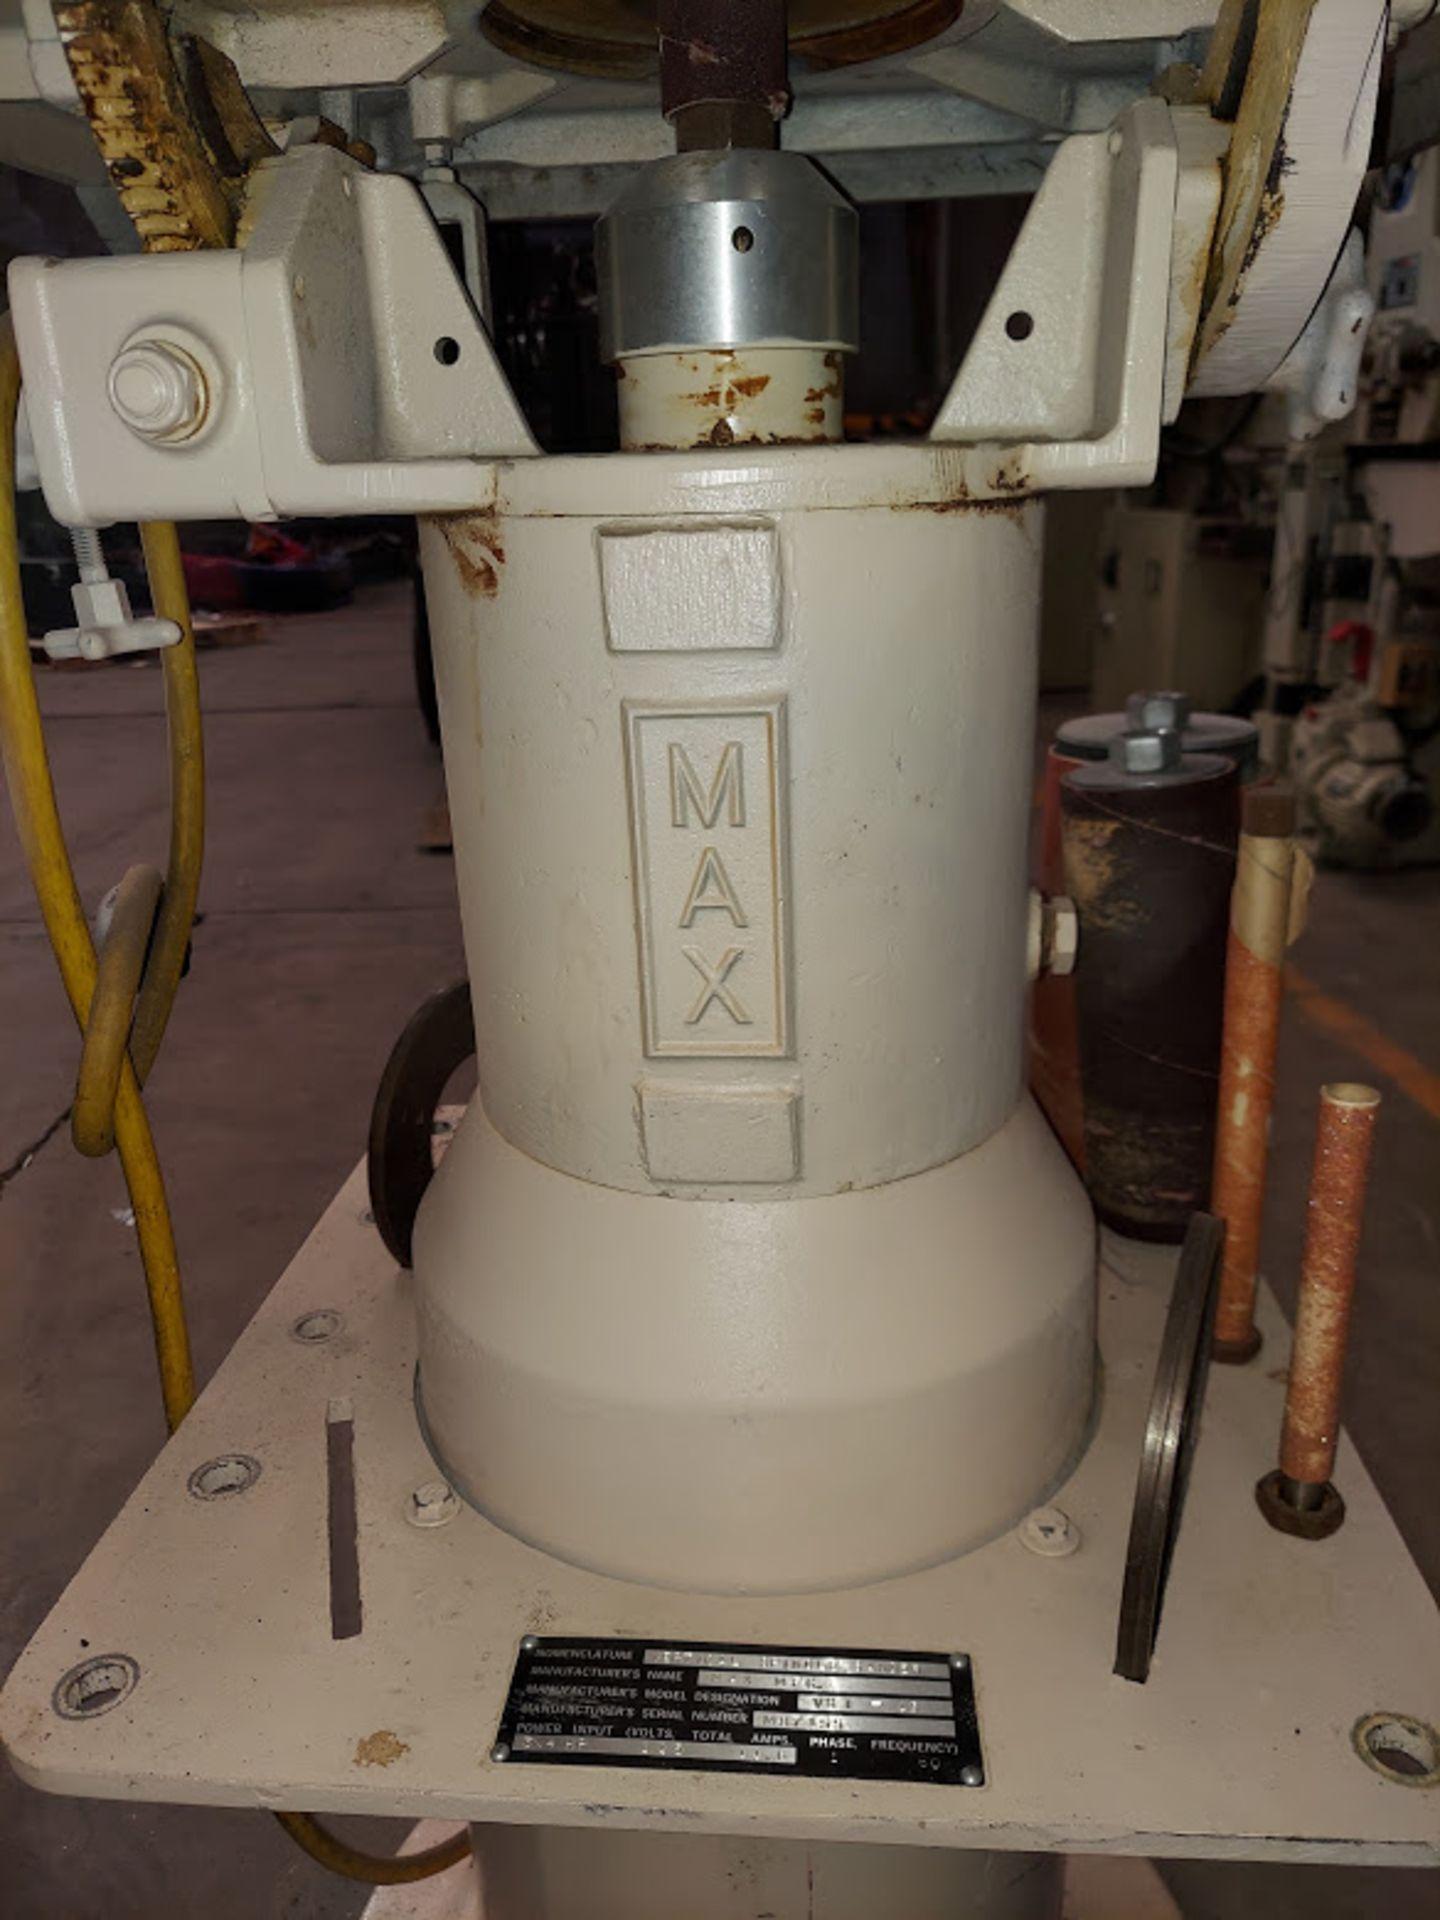 Max Industrial Oscillating Vertical Spindle Sander, Model #VSI-15, 5 - Spindles & Plates, 115 Volts - Image 2 of 5